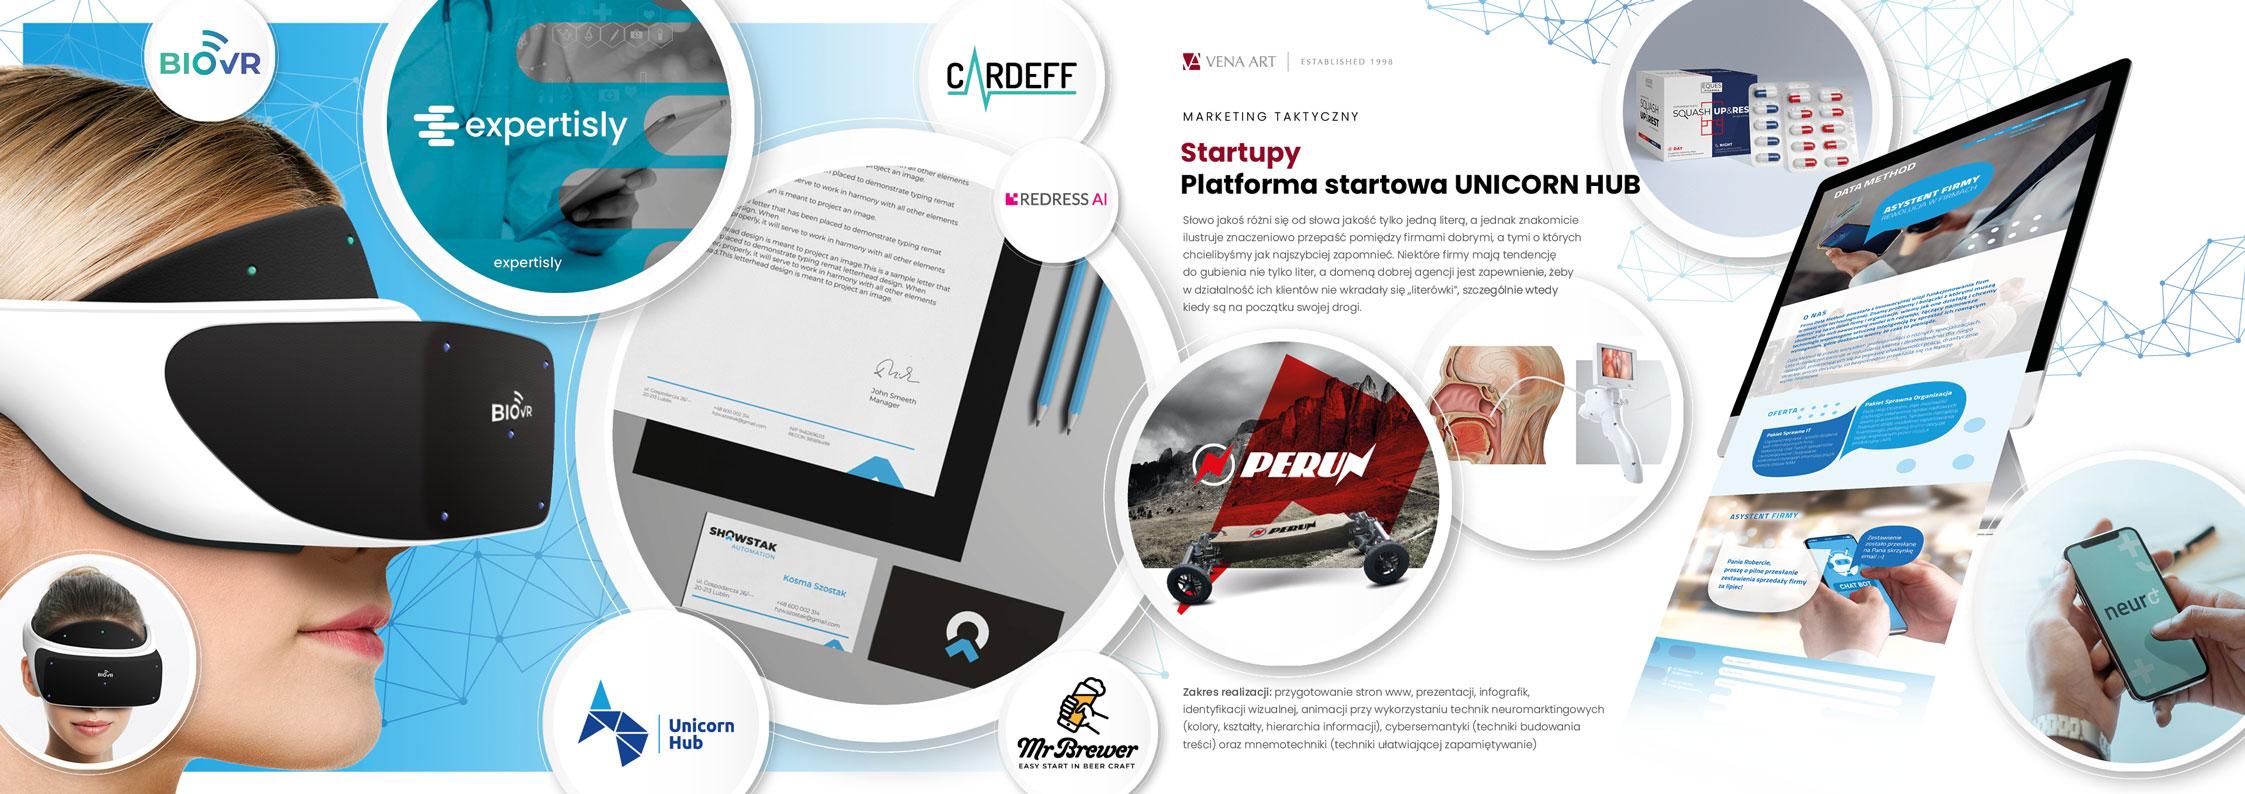 Startupy - Platforma Startowa Unicorn Hub